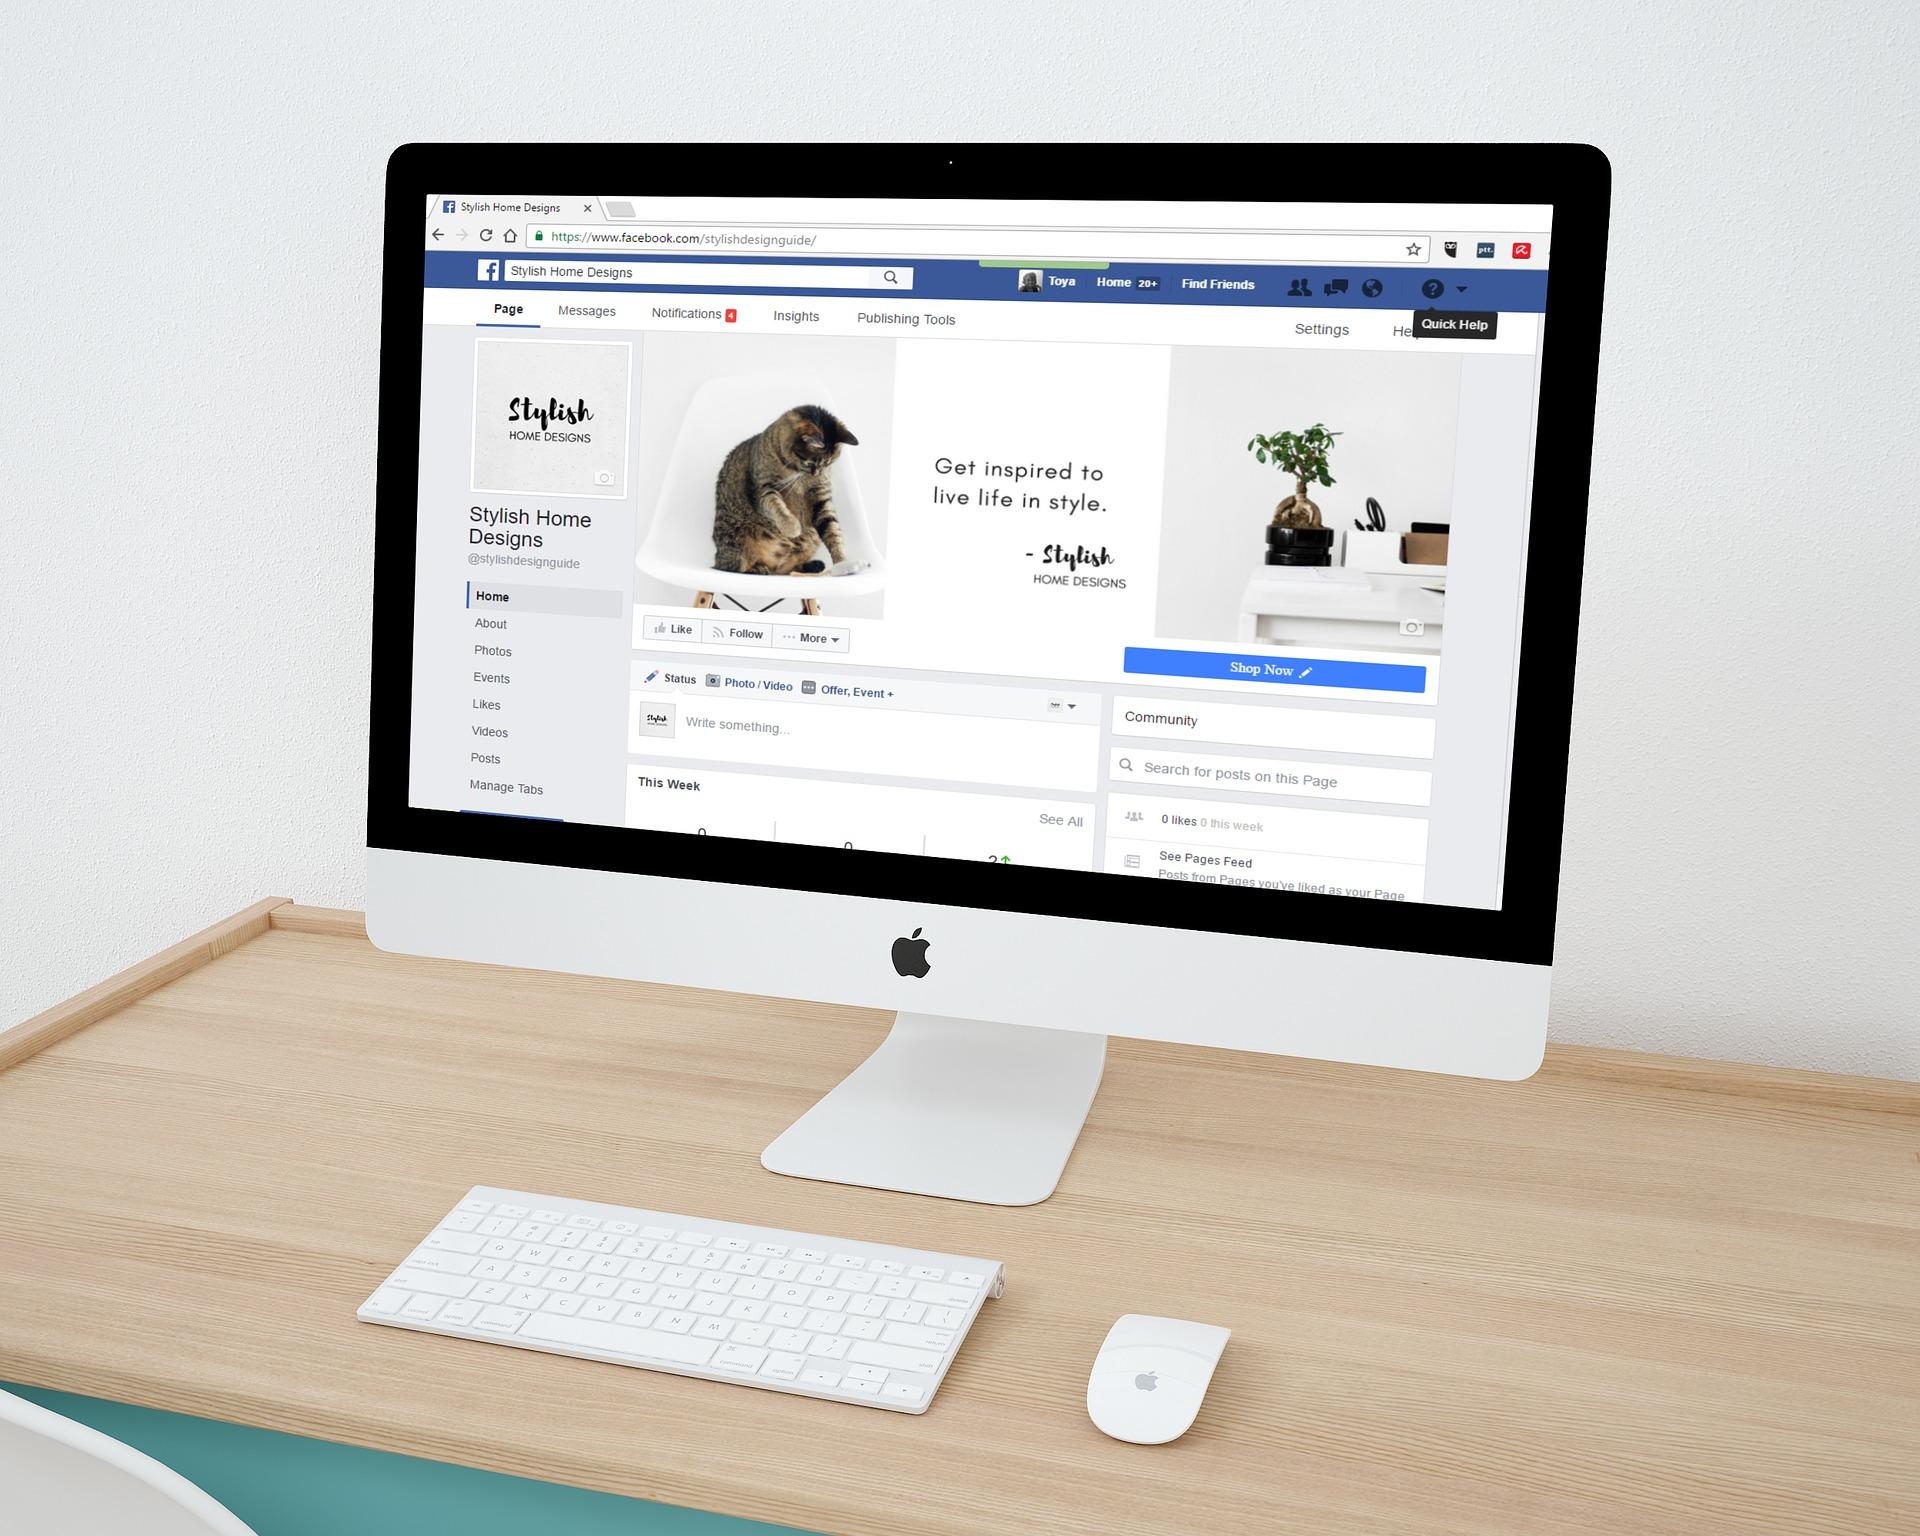 Facebook rankings